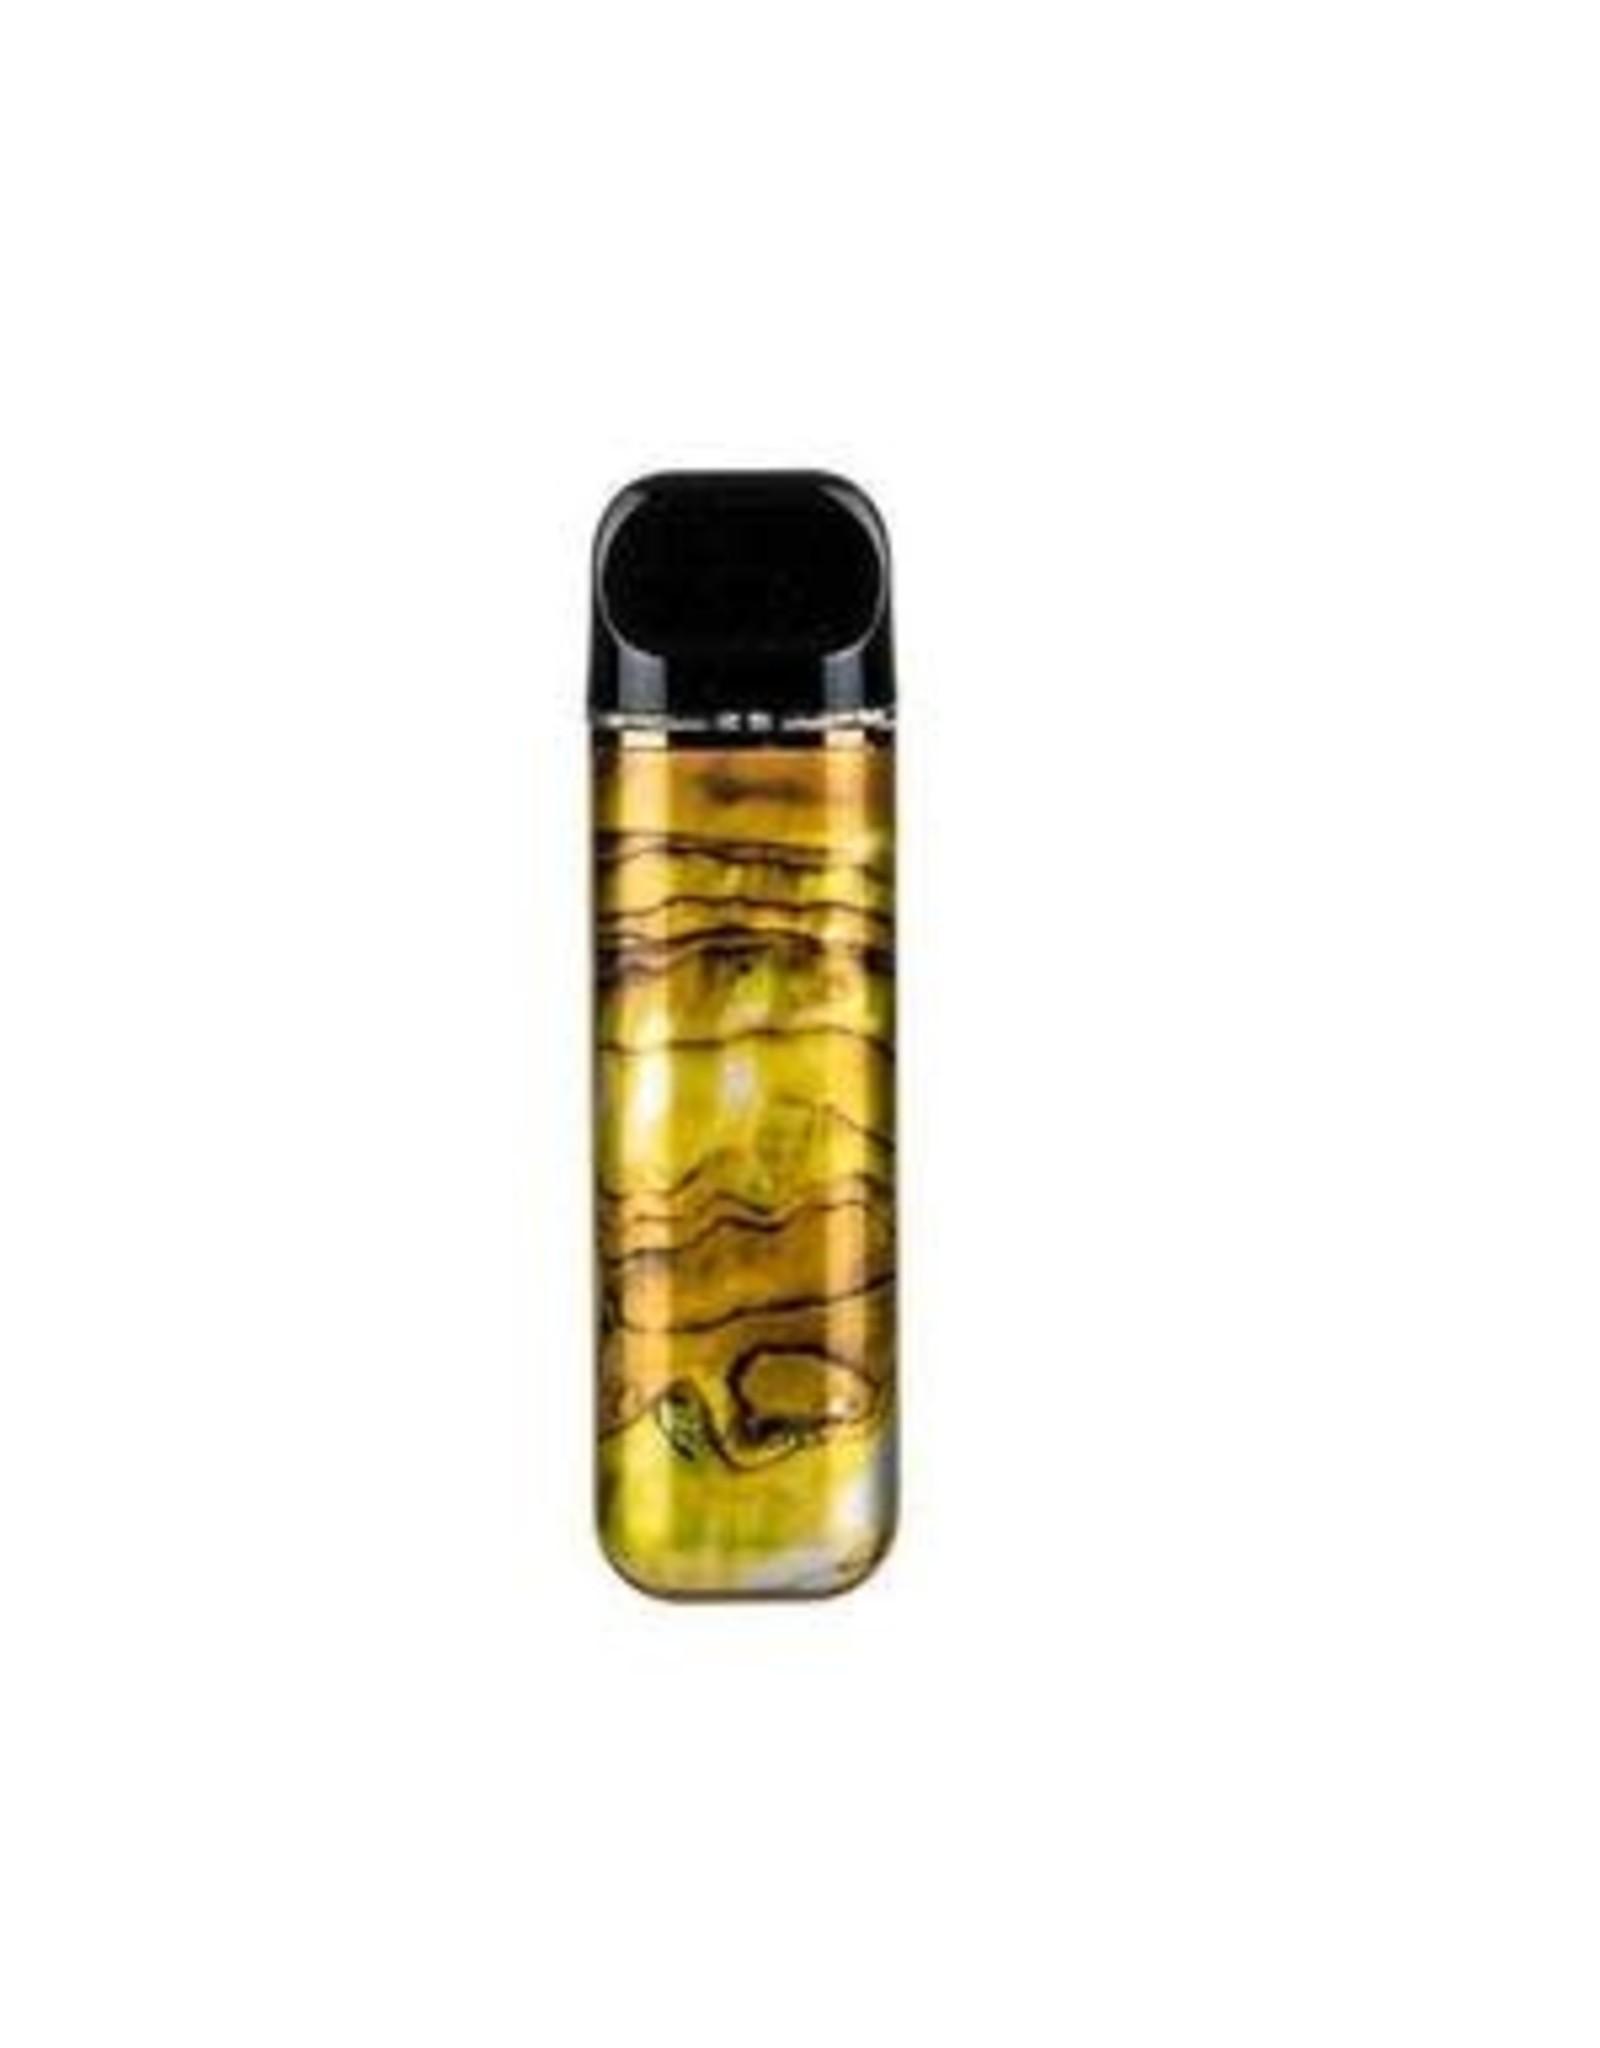 Smok Smok Novo 2 Kit Resin Edition